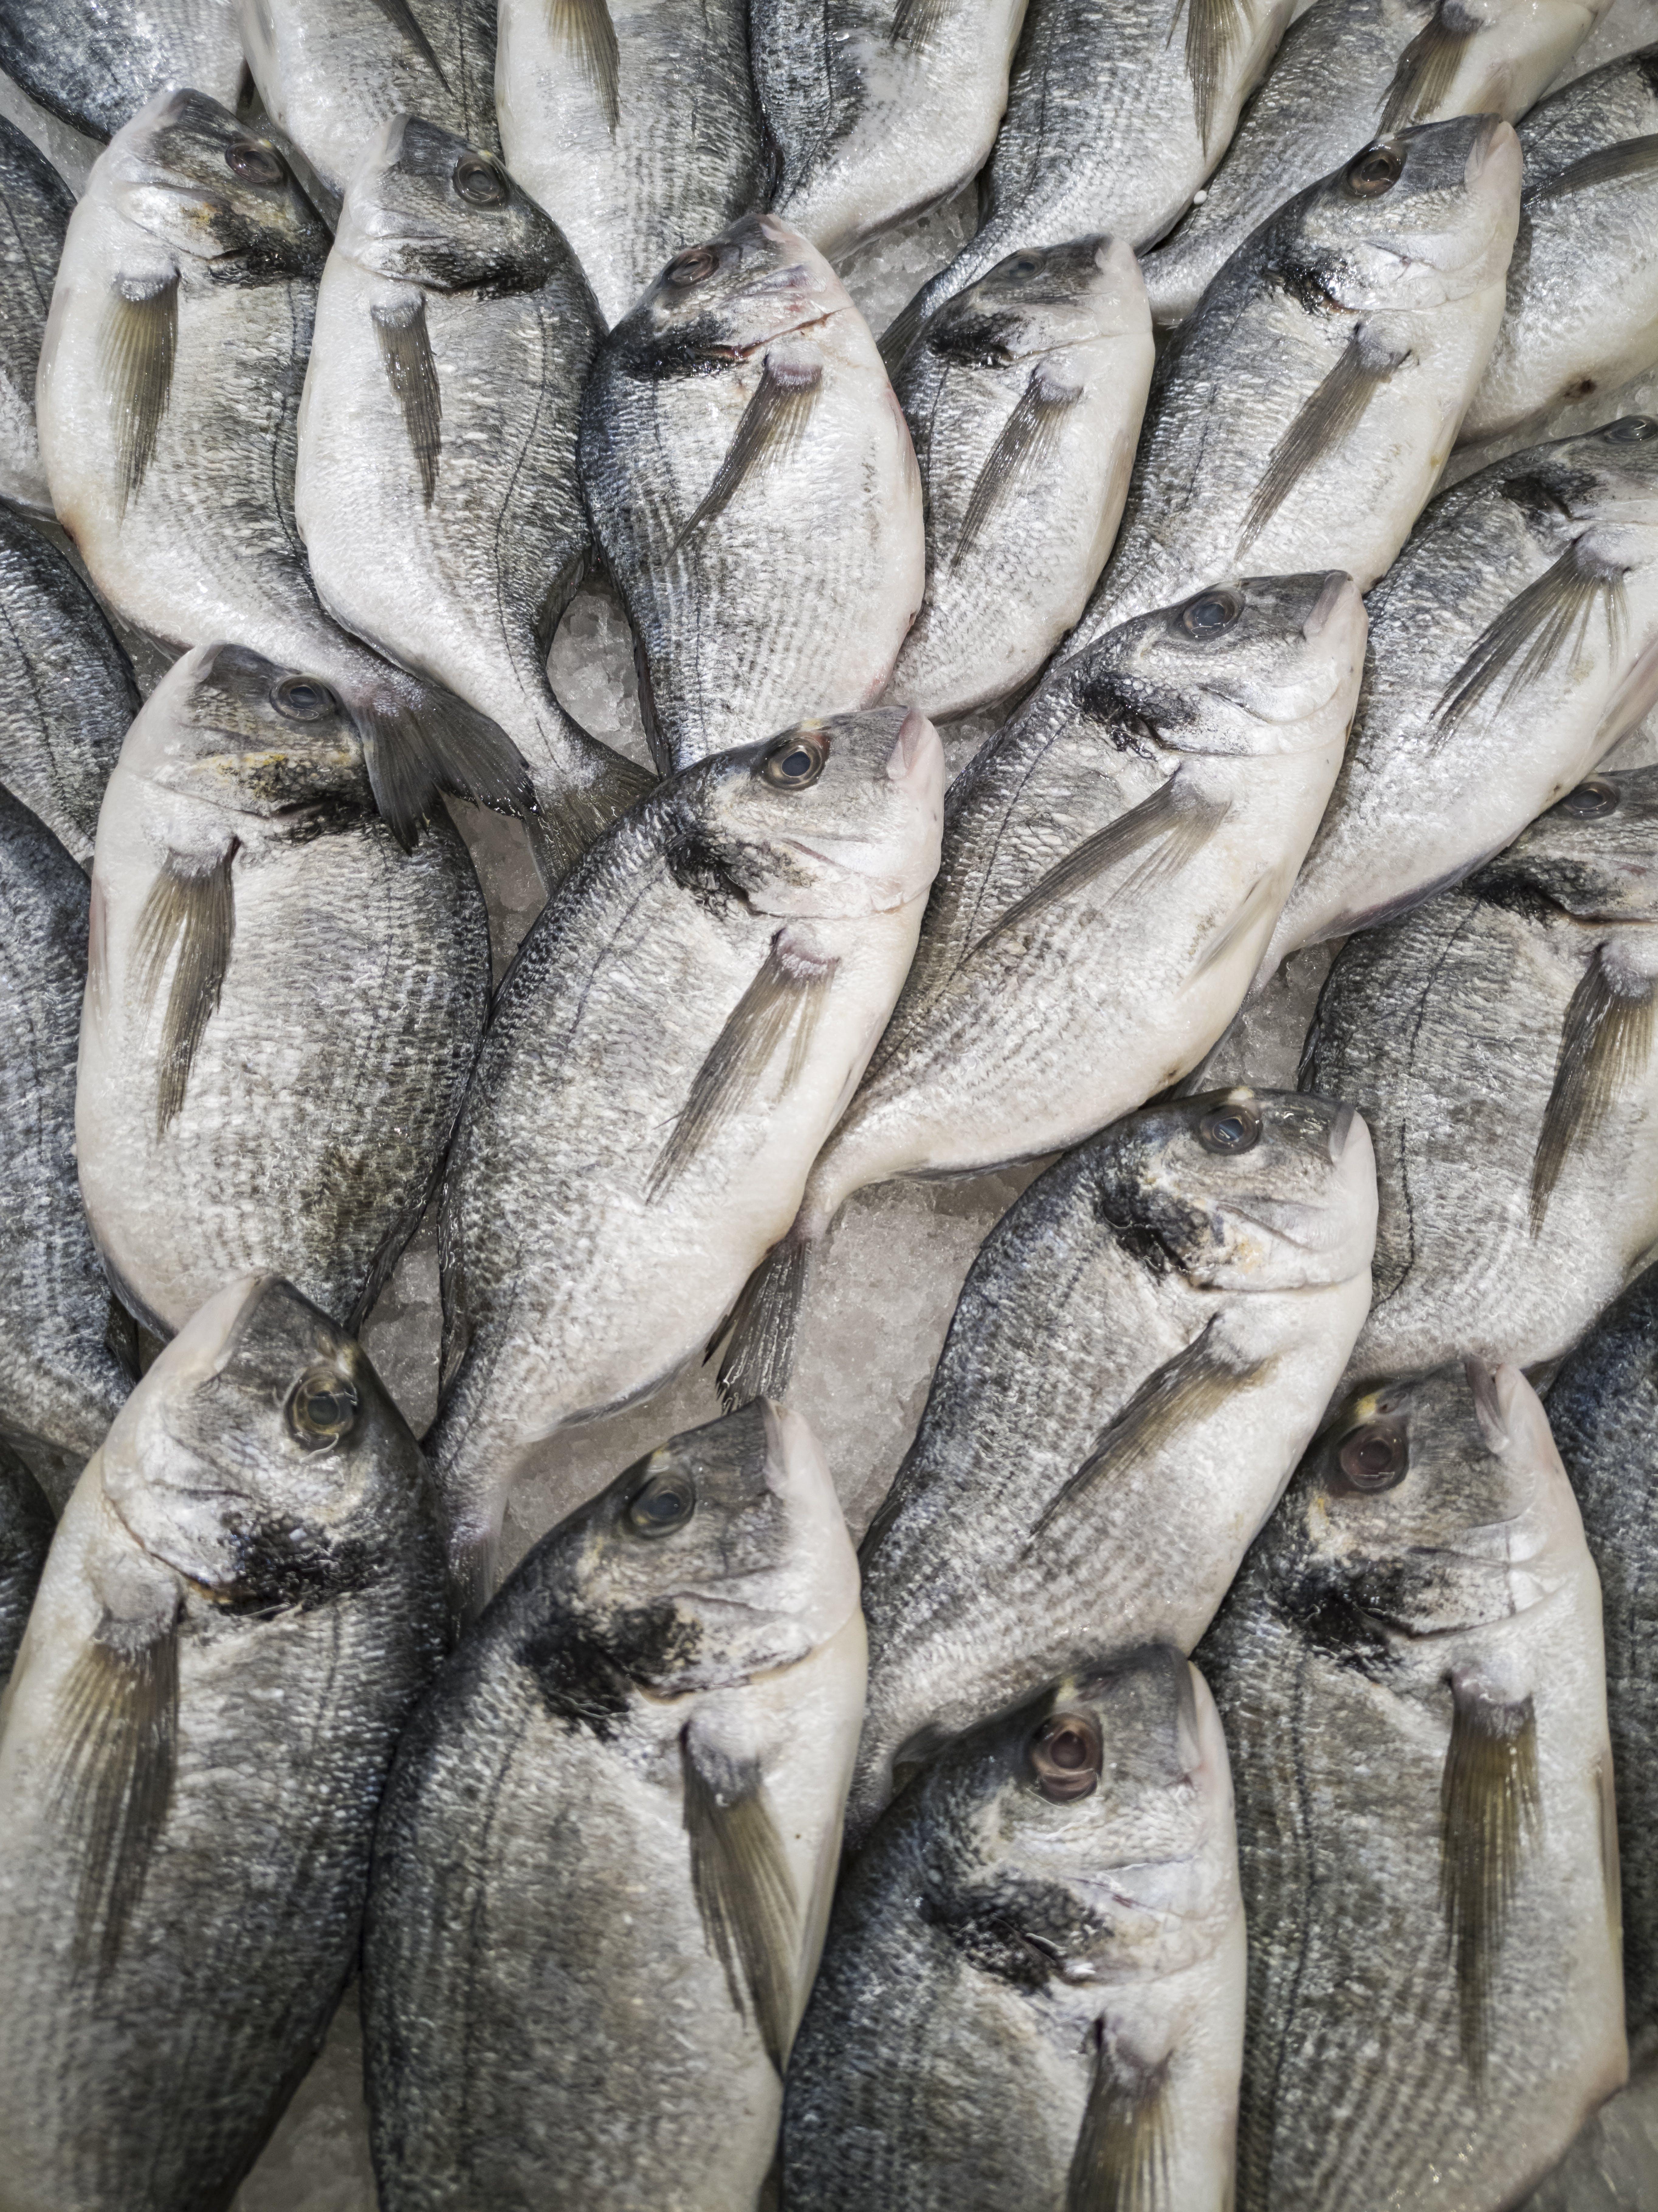 Kostenloses Stock Foto zu eis, essen, fang, fische